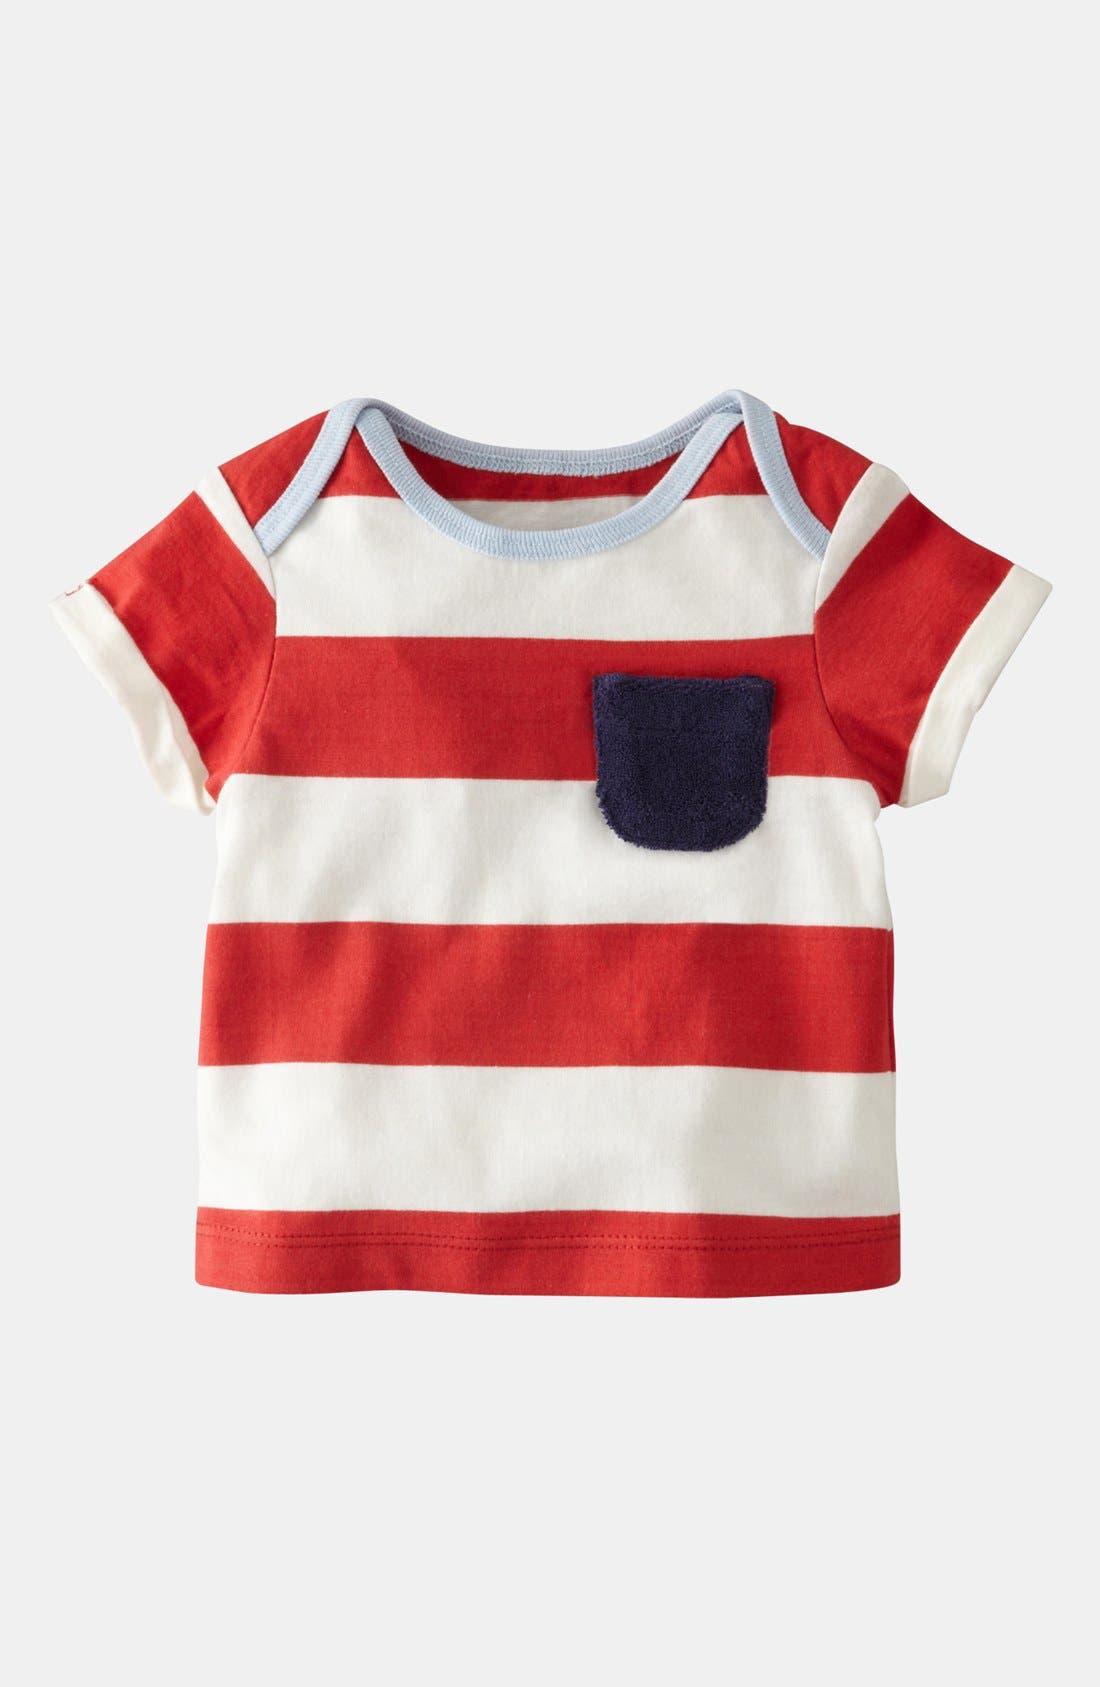 Alternate Image 1 Selected - Mini Boden 'Stripy Summer' T-Shirt (Infant)